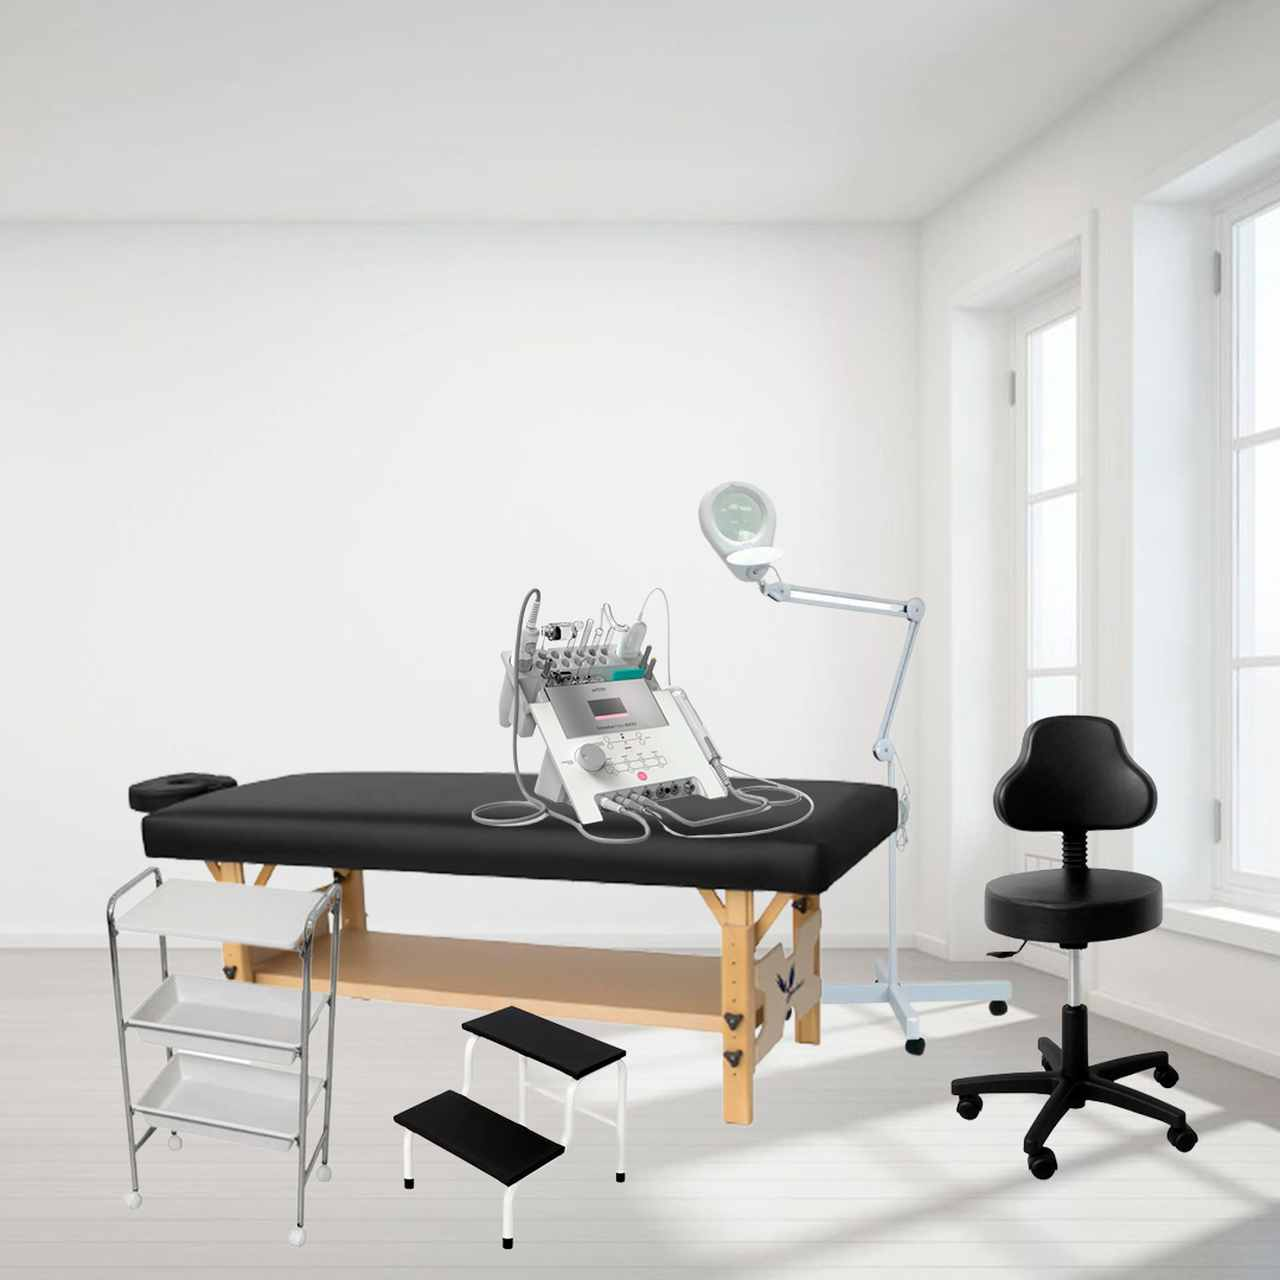 Kit Monte sua Clínica Comfort - Móveis + Equipamento com a Multiplataforma Facial mais completa do mercado